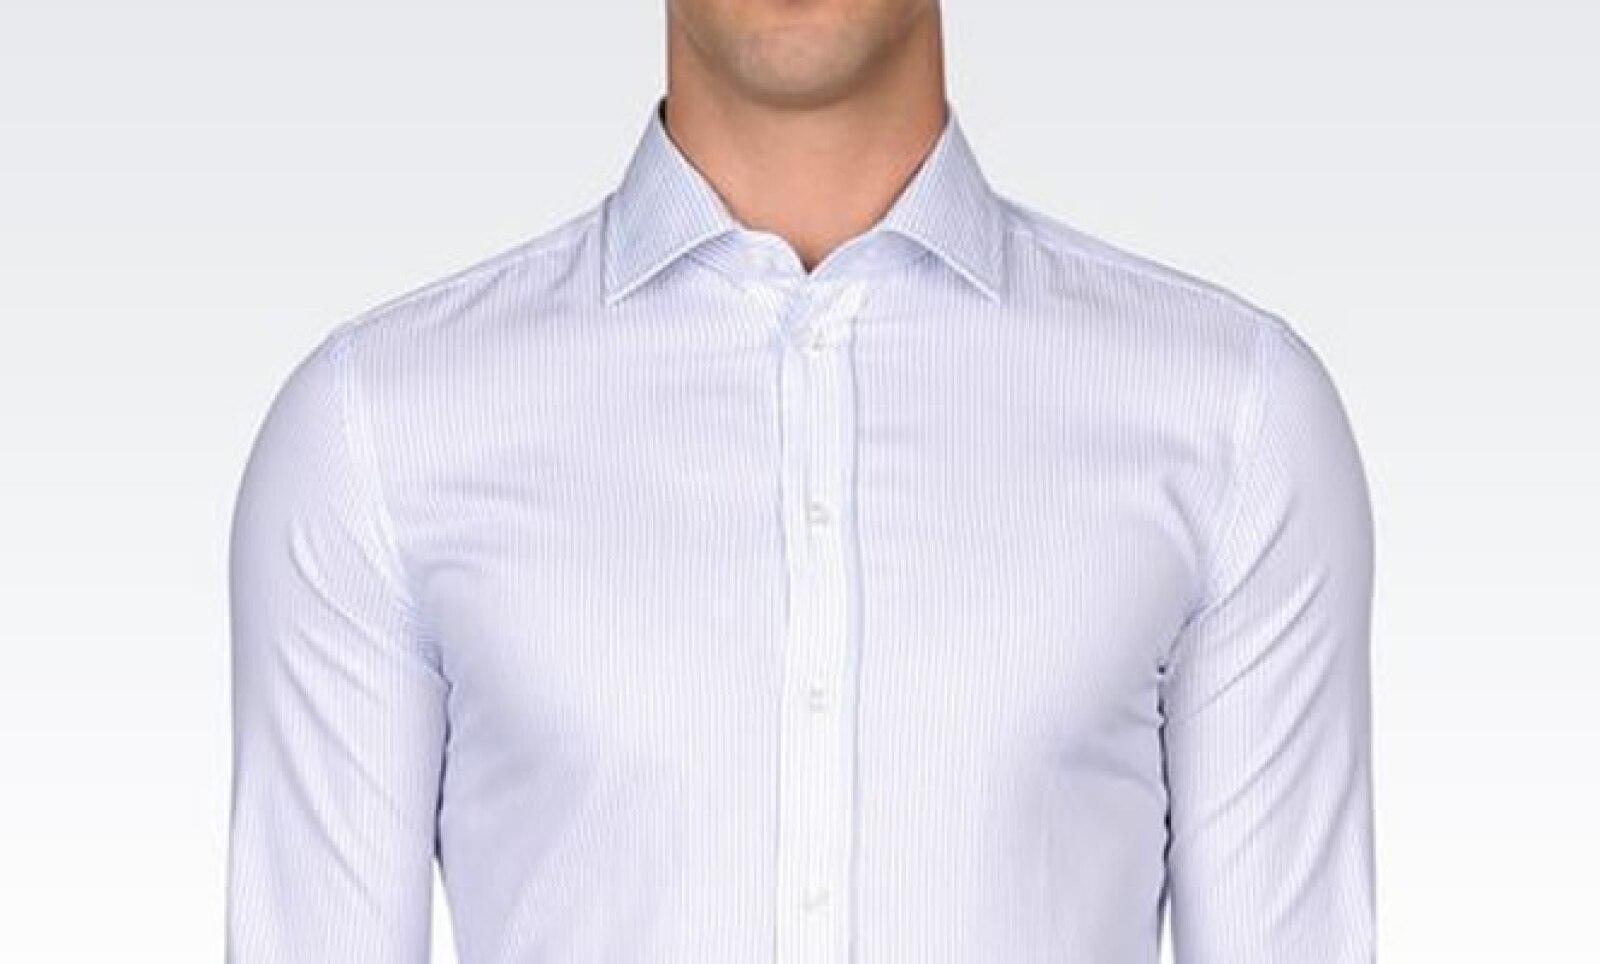 El cuello es el elemento más importante de una camisa. Los cuellos con alas más hacia atrás son los más elegantes.